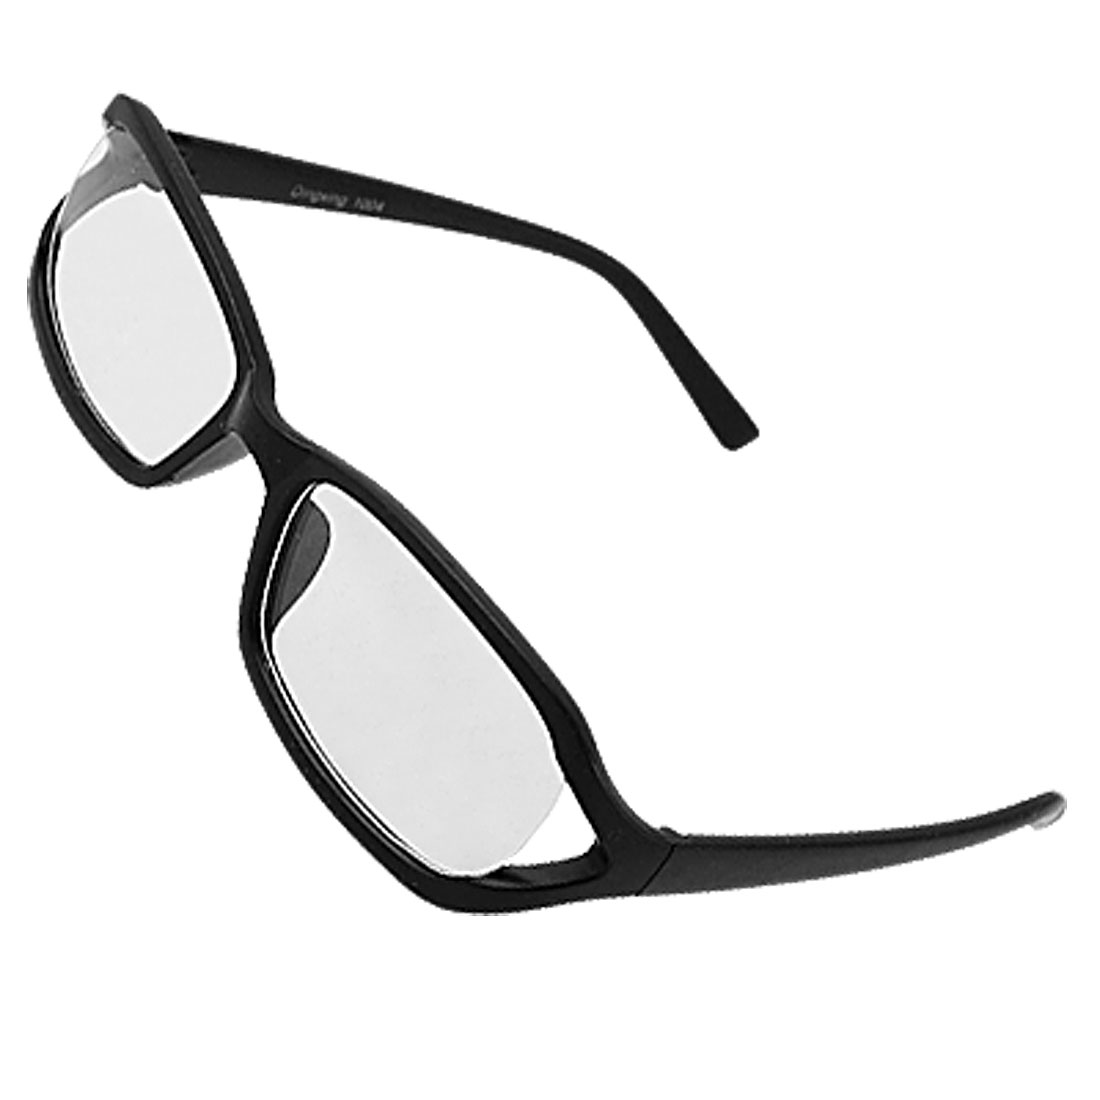 Black Frame Unisex Plano Glasses Eyeglasses Spring Temple